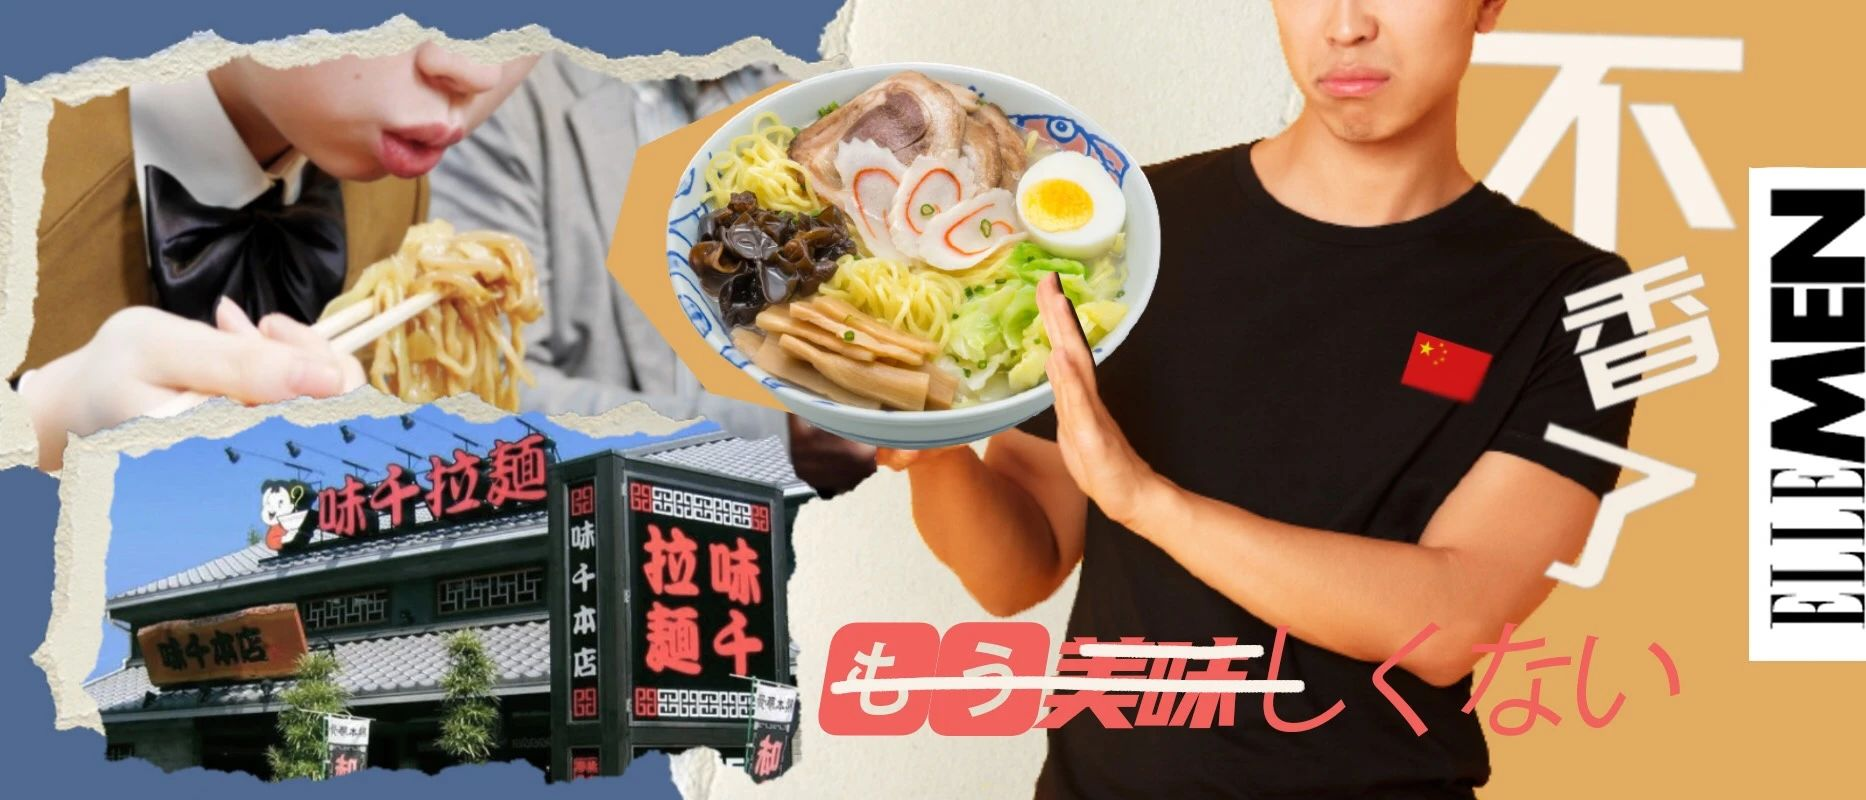 日本拉面在中国不香了